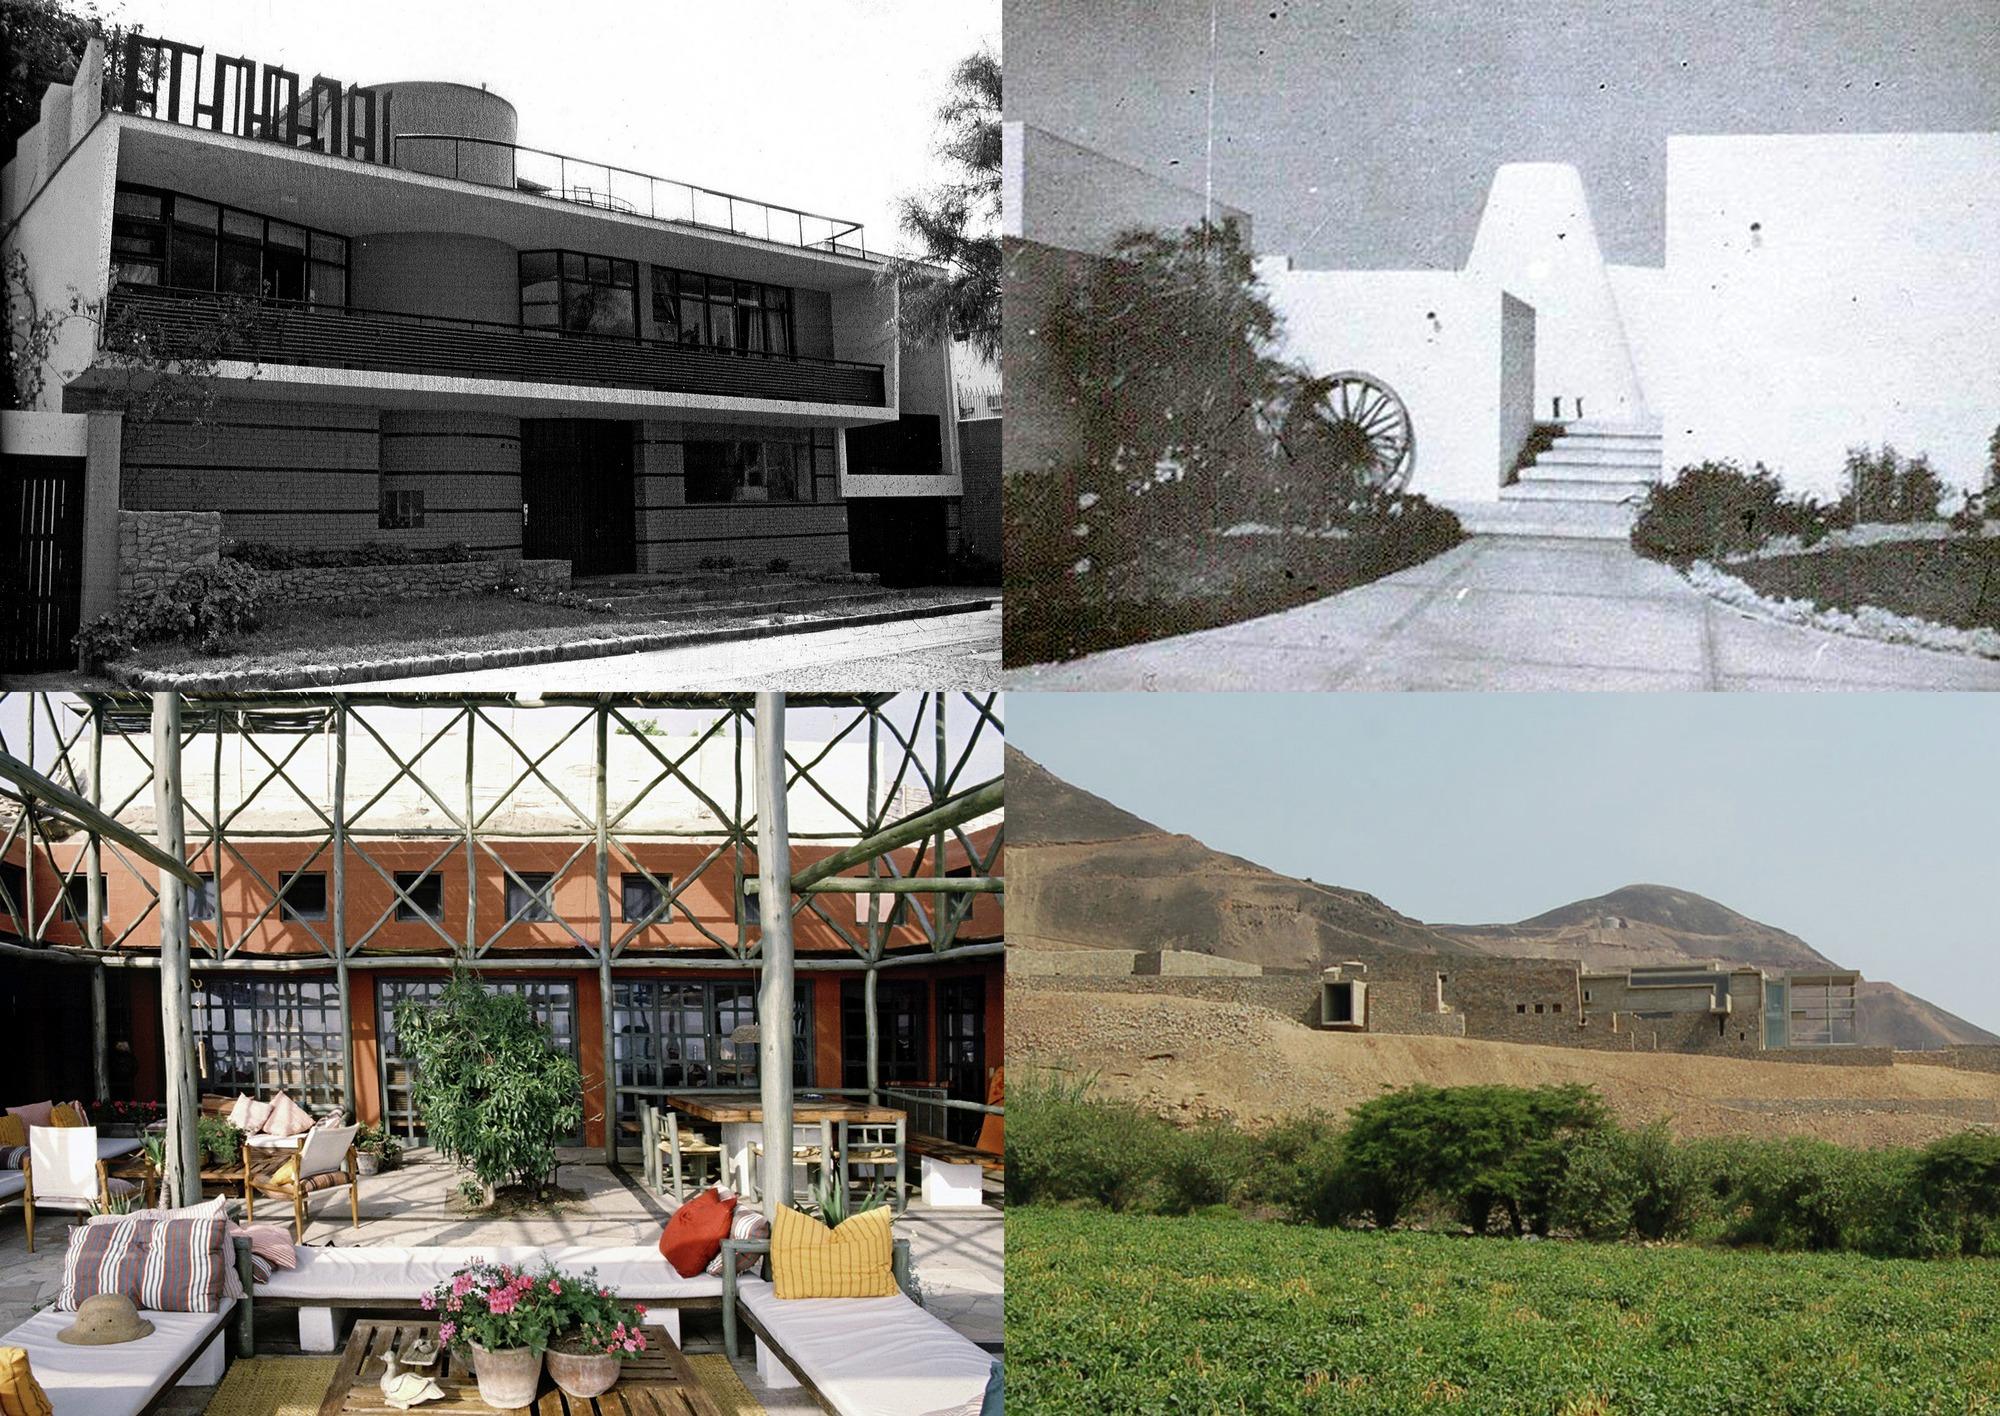 La b squeda de la identidad en la arquitectura peruana for Arquitectos y sus obras